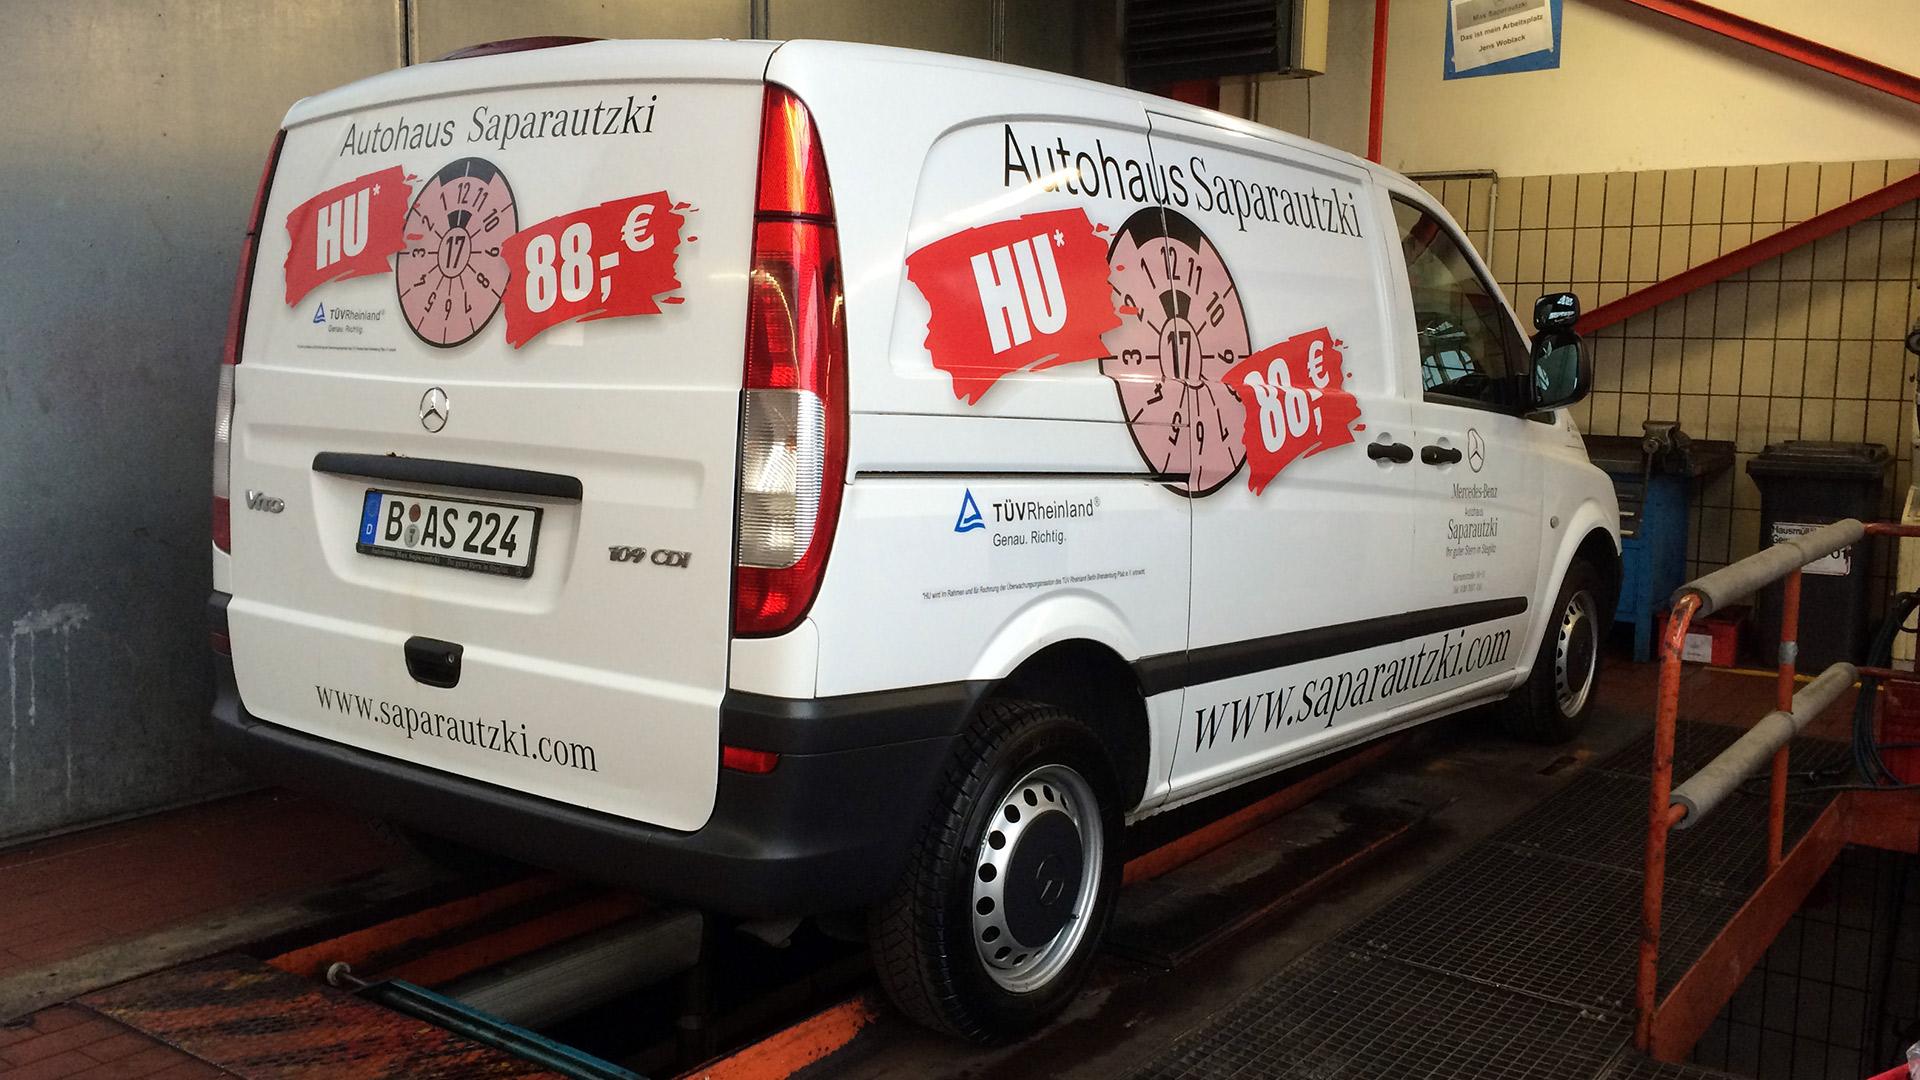 Auto-WOB-MB-Folie-Matti-Michalke-Berlin-Brandenburg-Aussenwerbung-Innenwerbung-Banner-Planen-Folien-Werbemittel-Druck-Print.jpg